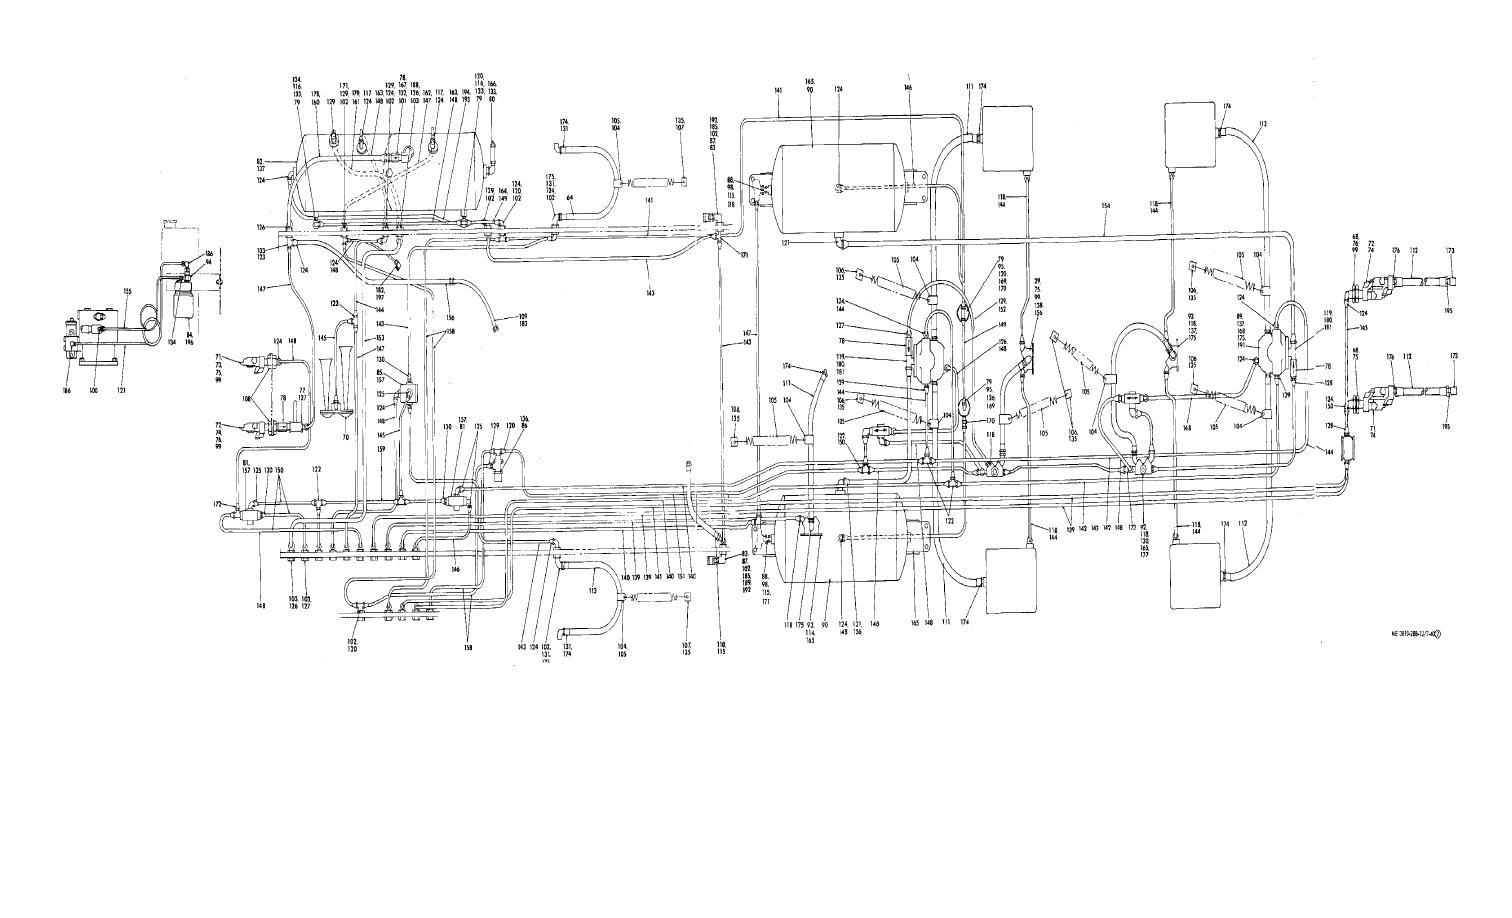 2002 Kenworth W900 Fuse Box Diagram : Diagram Kenworth